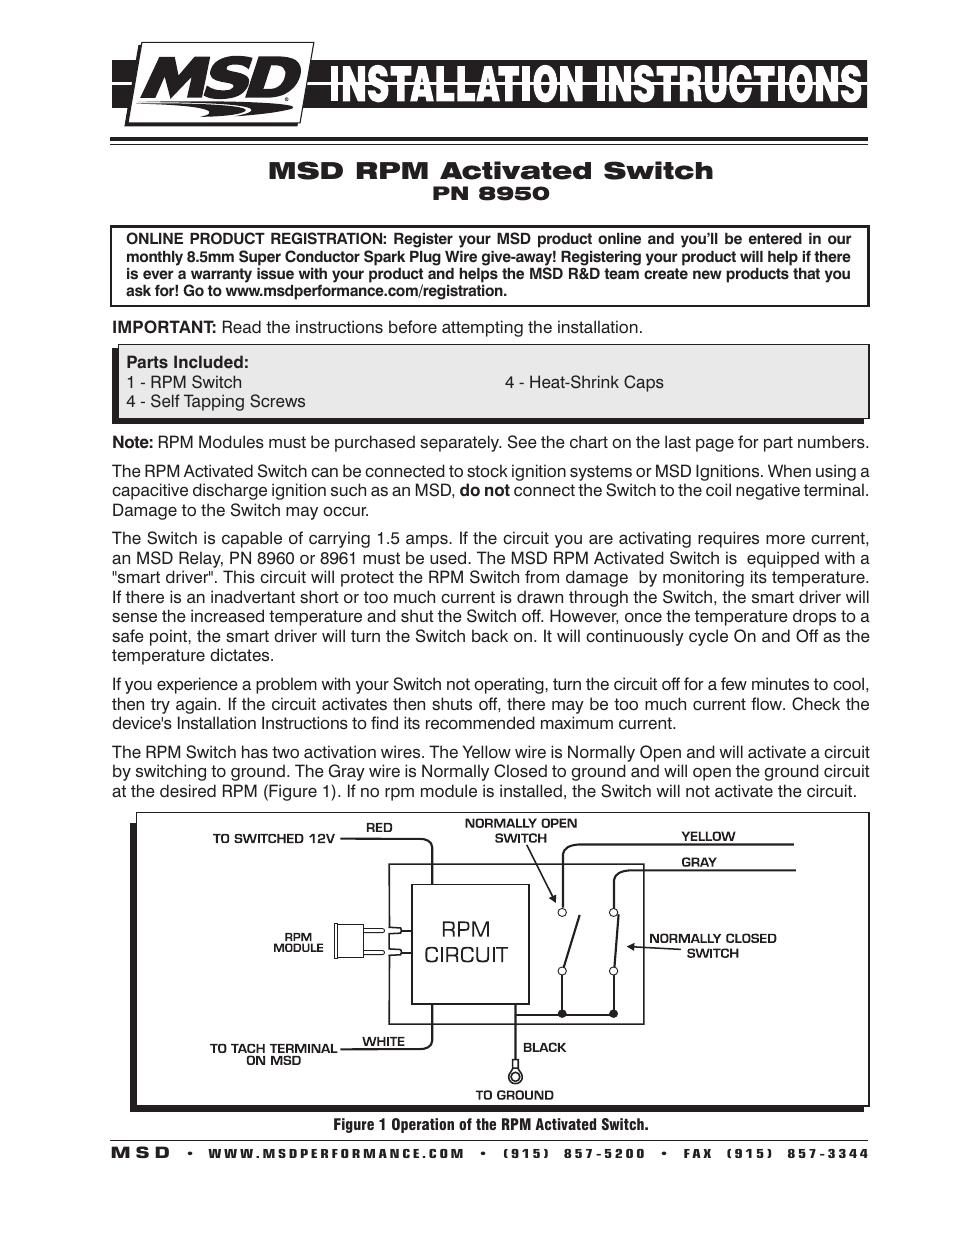 Msd 8950 Wiring Diagram 1995 Honda Civic Wiring Diagram